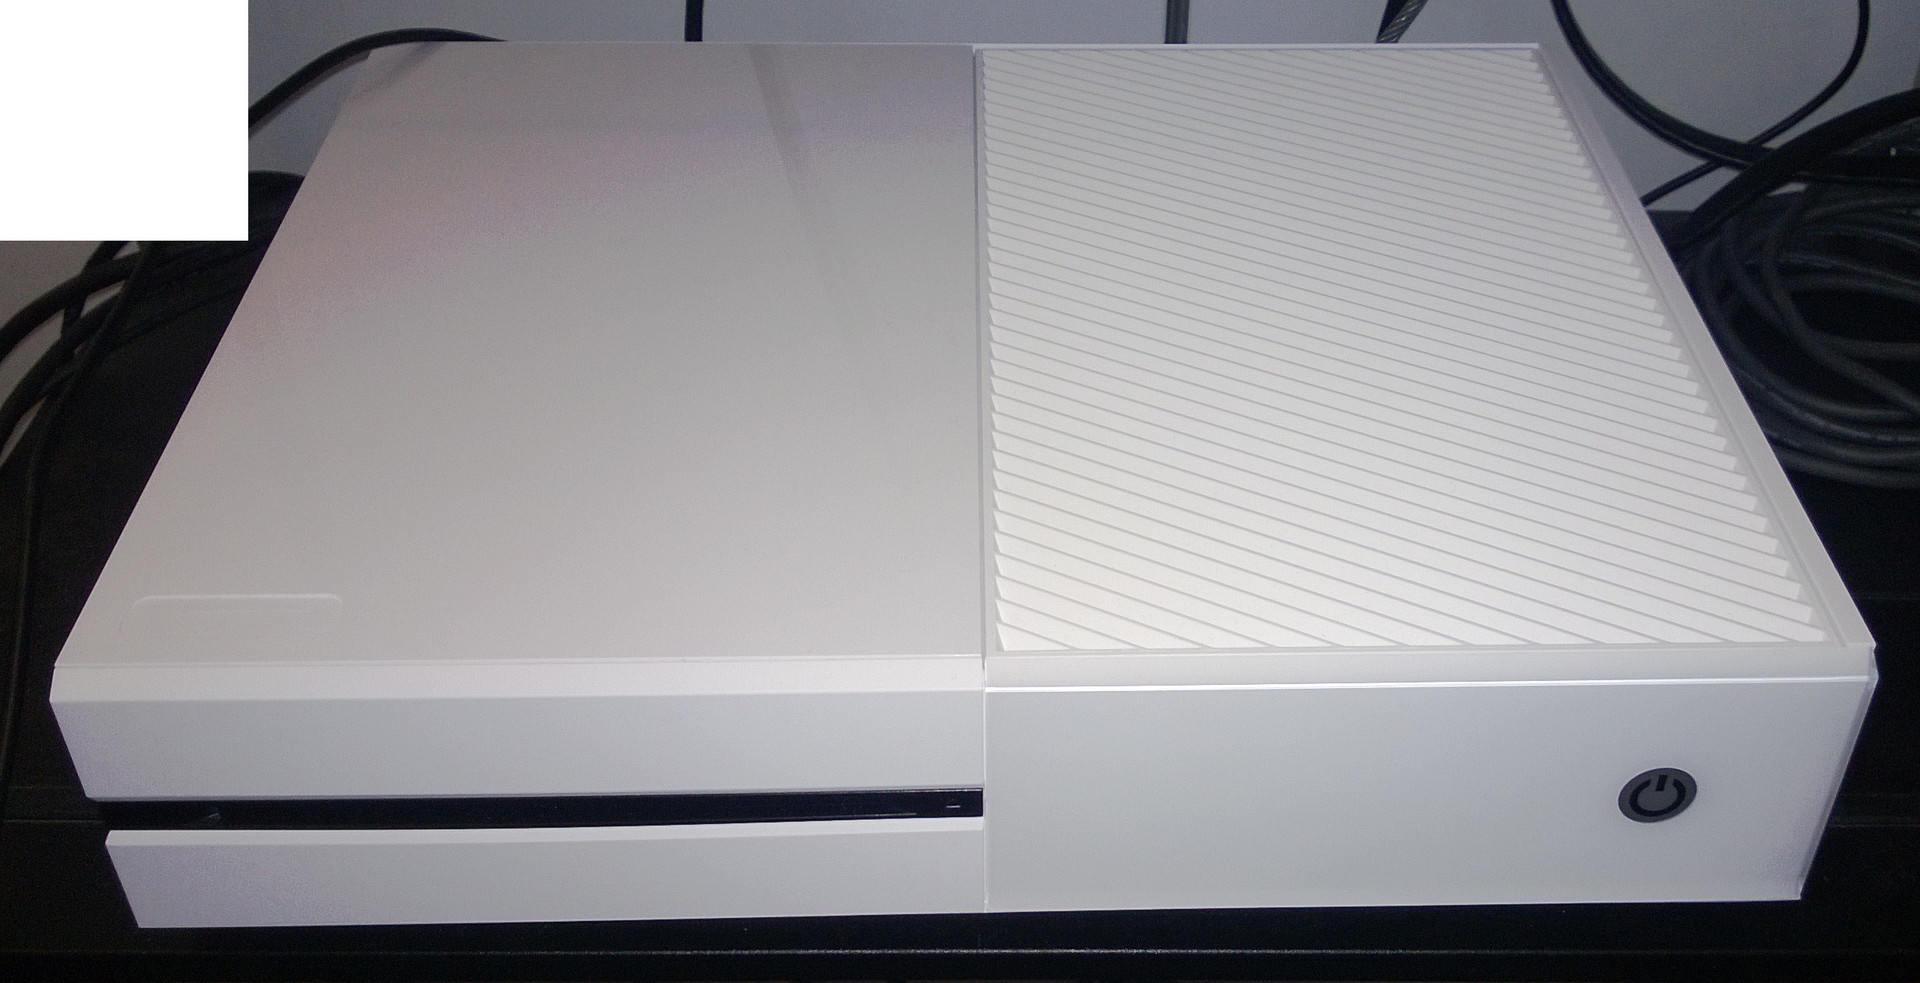 Exclusive White Xbox One for Microsoft EmployeesXbox One White